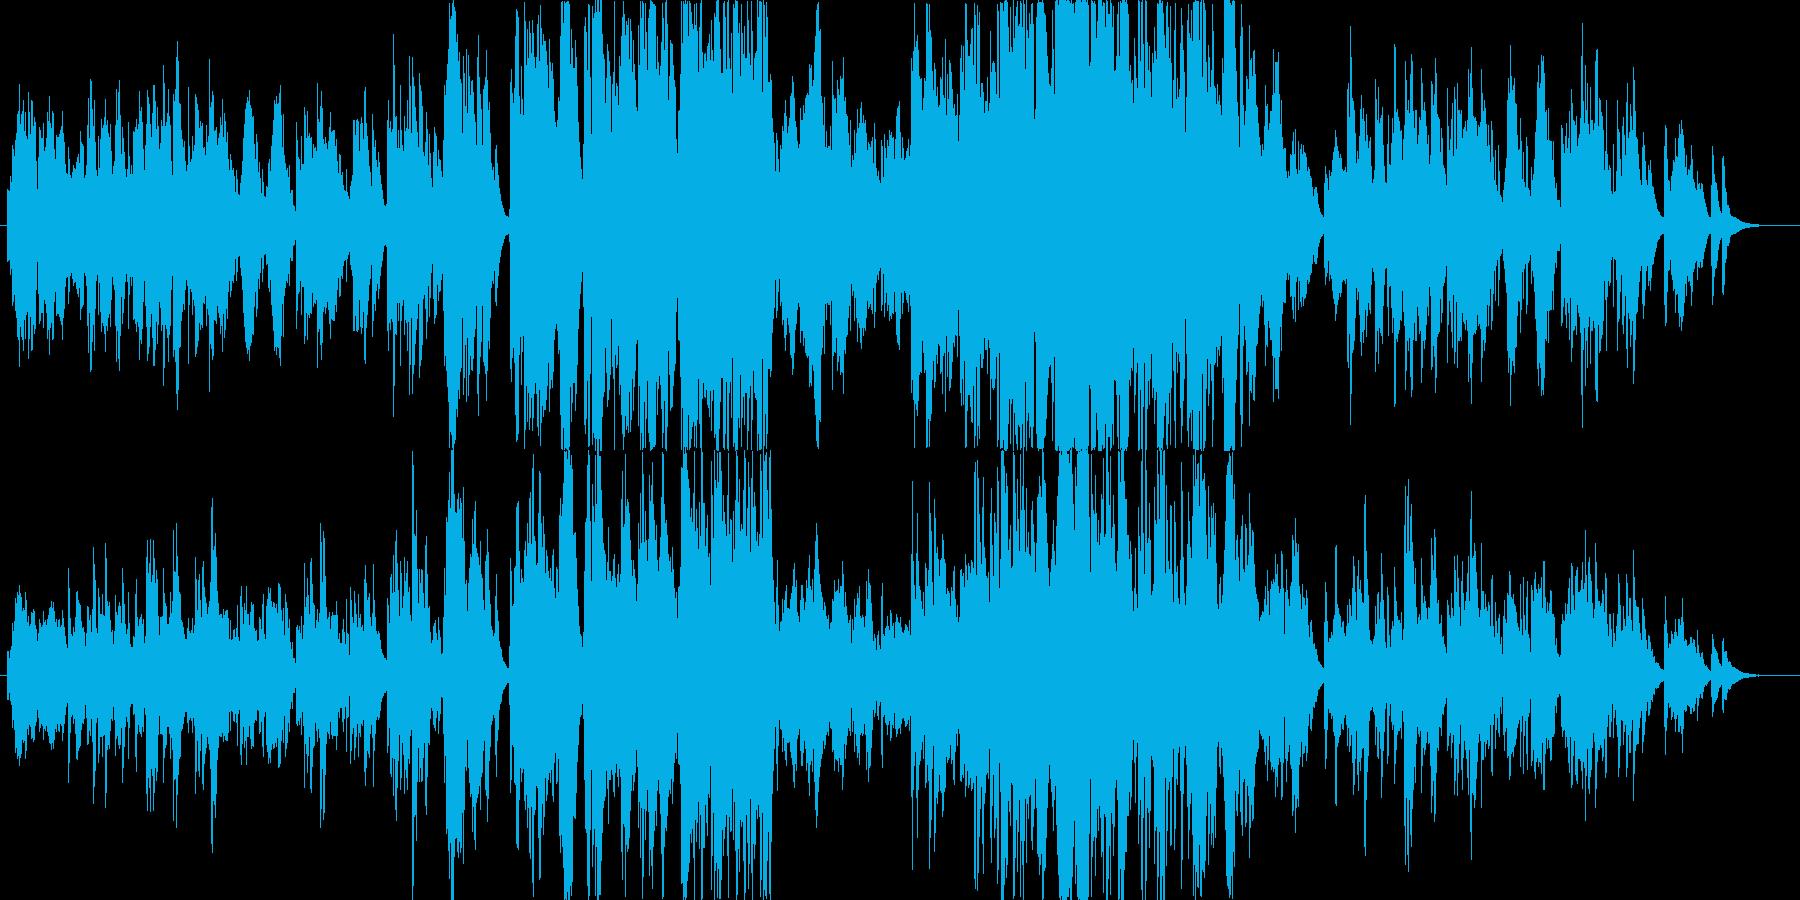 淋しげで切ないピアノソロの再生済みの波形